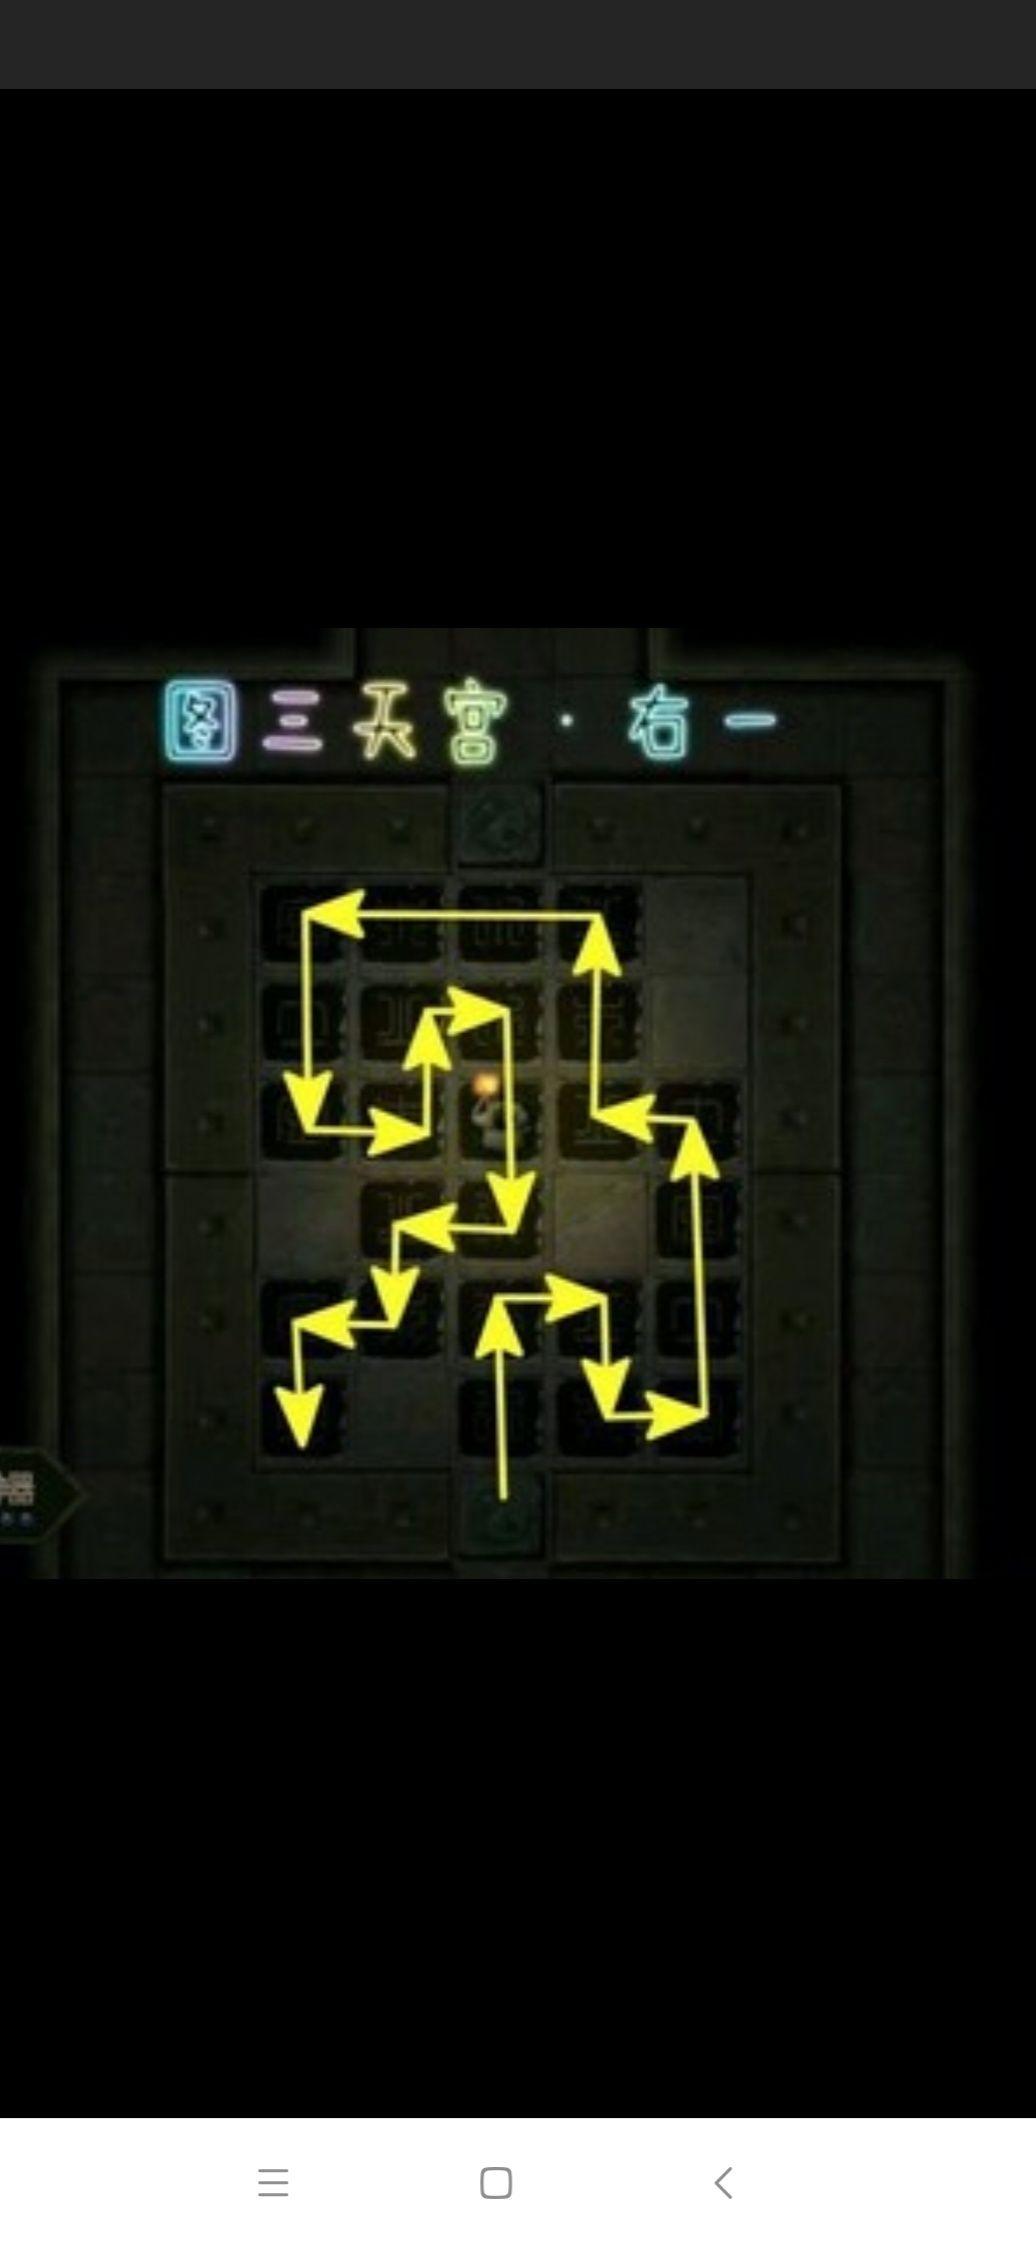 长生劫天宫怎么走 第三关迷宫走法具体解析